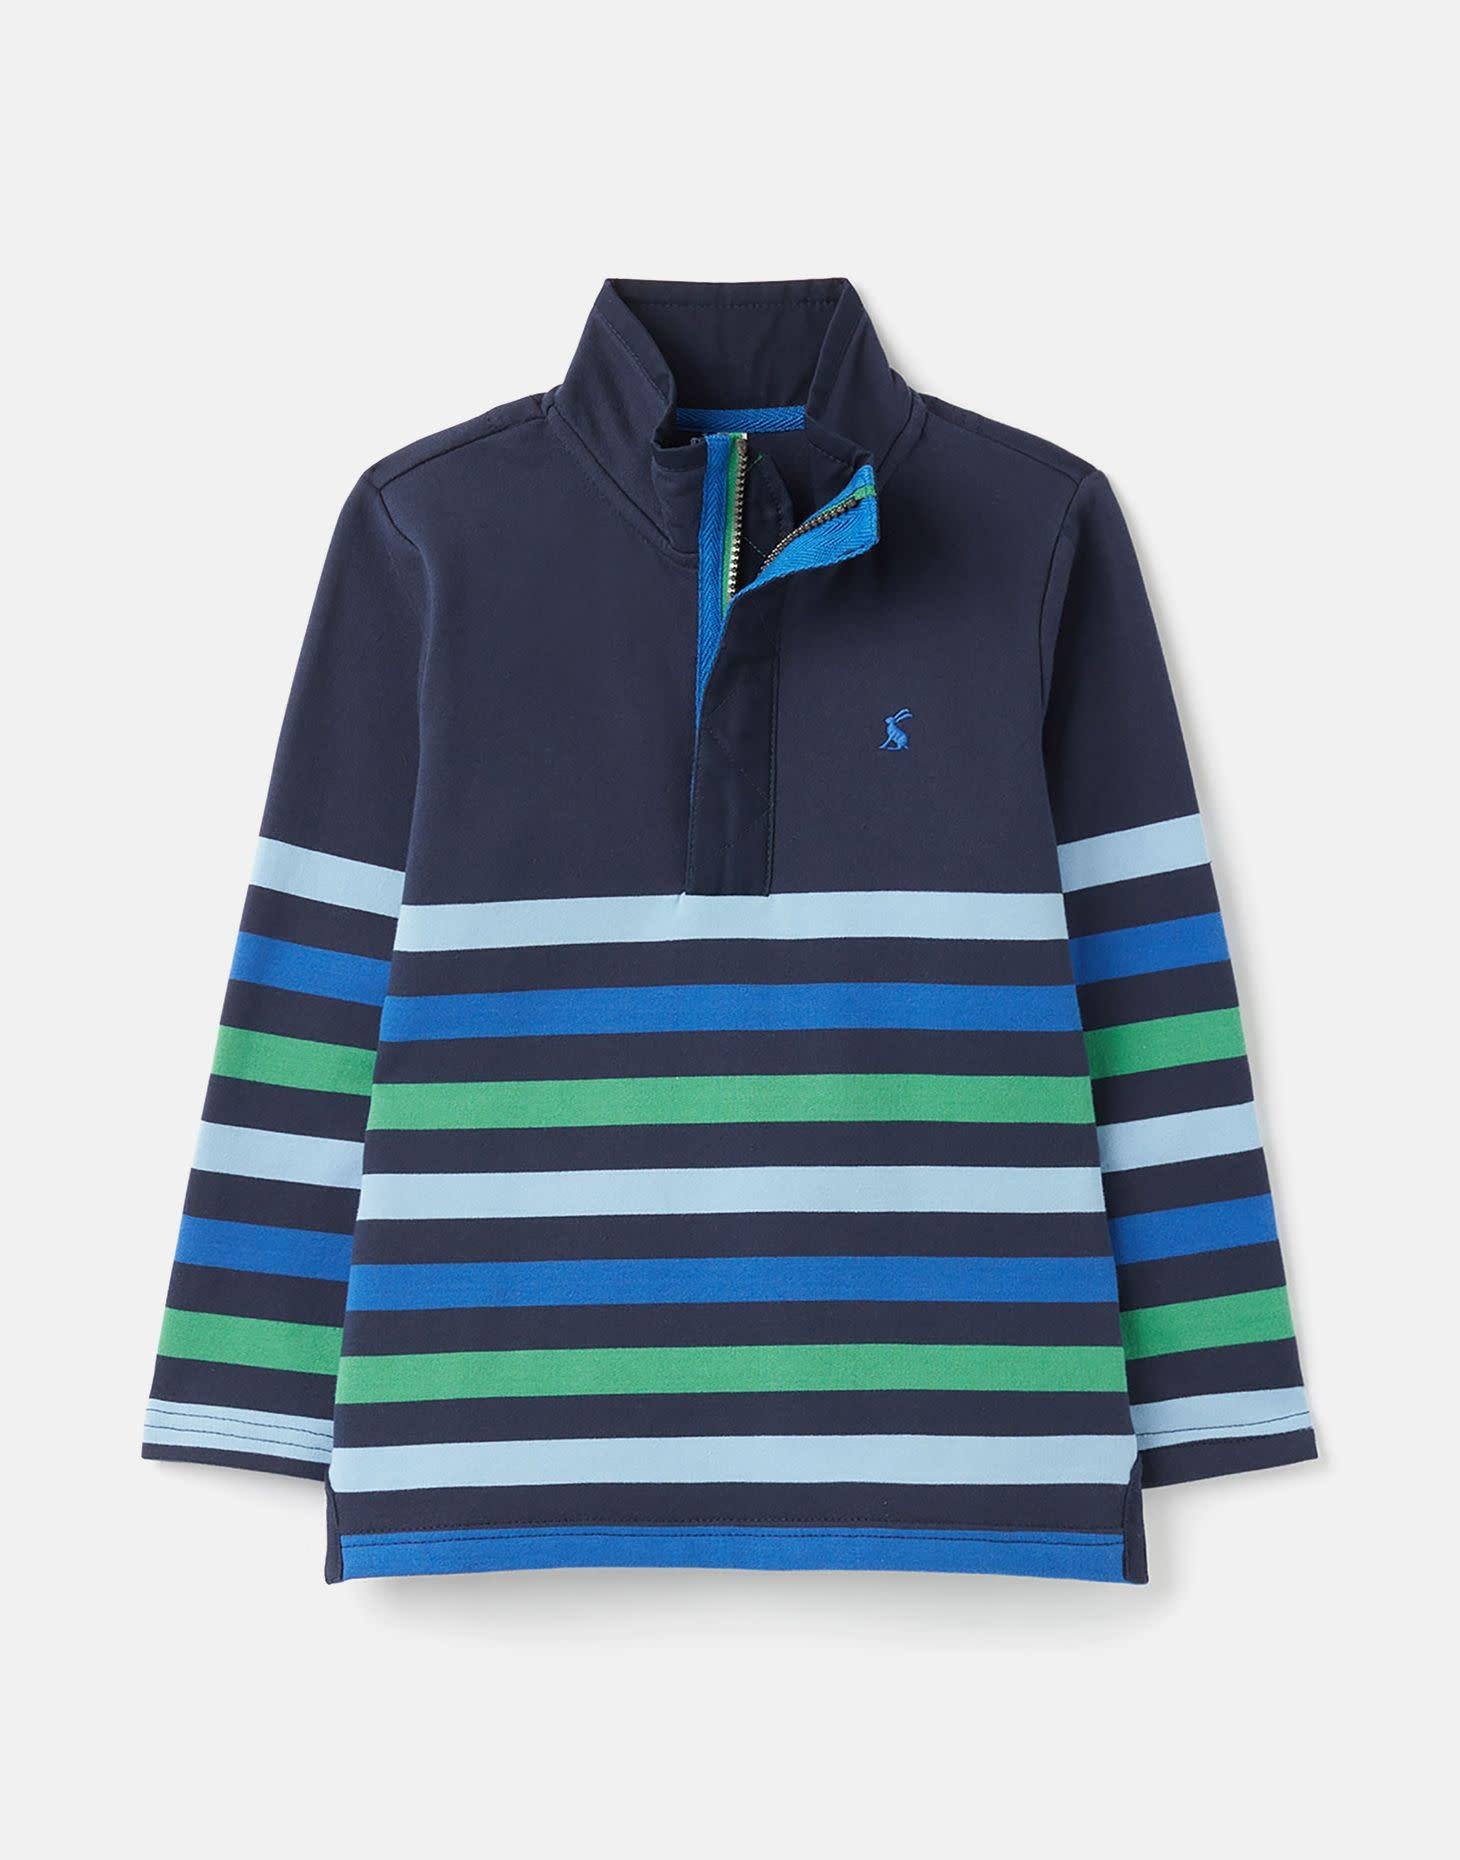 Joules Captain 1/2 Zip Sweatshirt